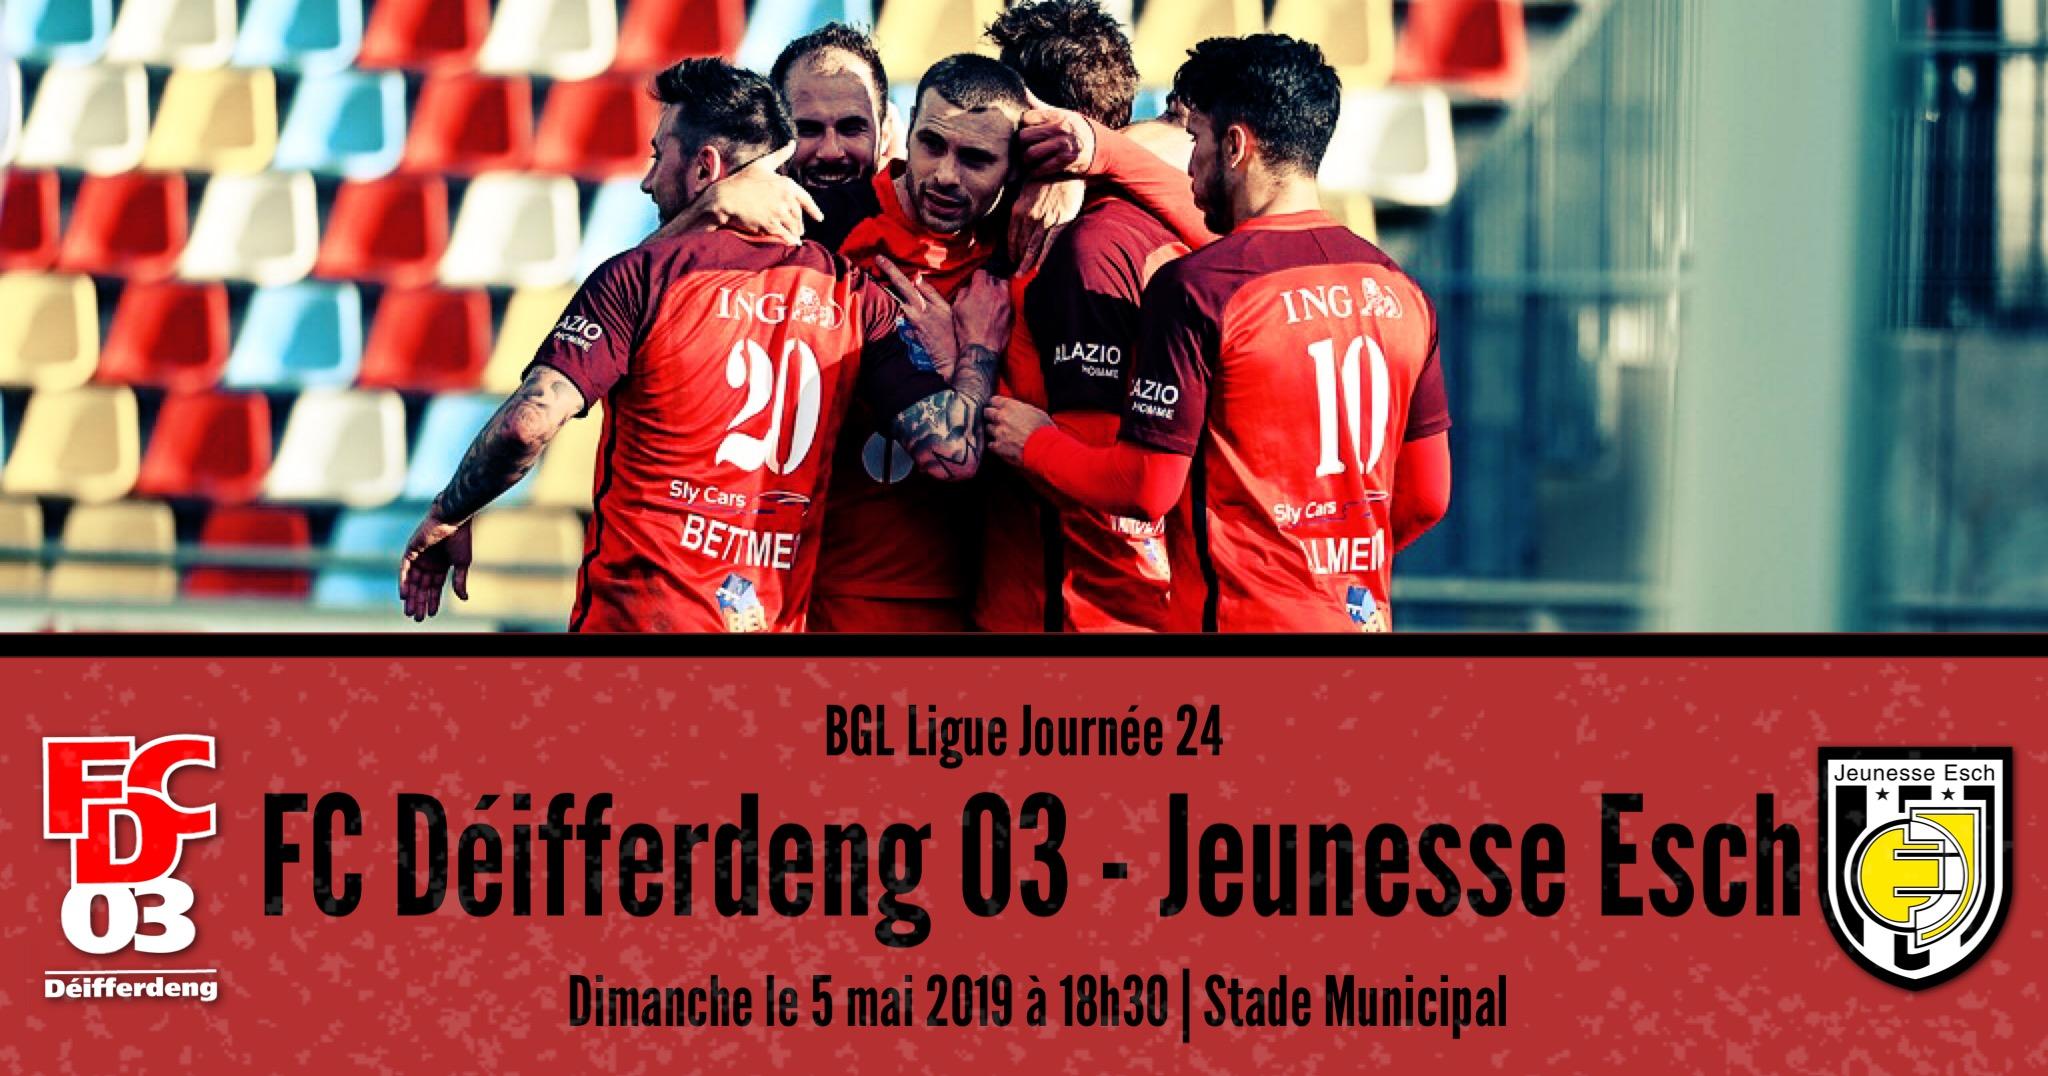 FC DEIFFERDENG 03 - JEUNESSE ESCH